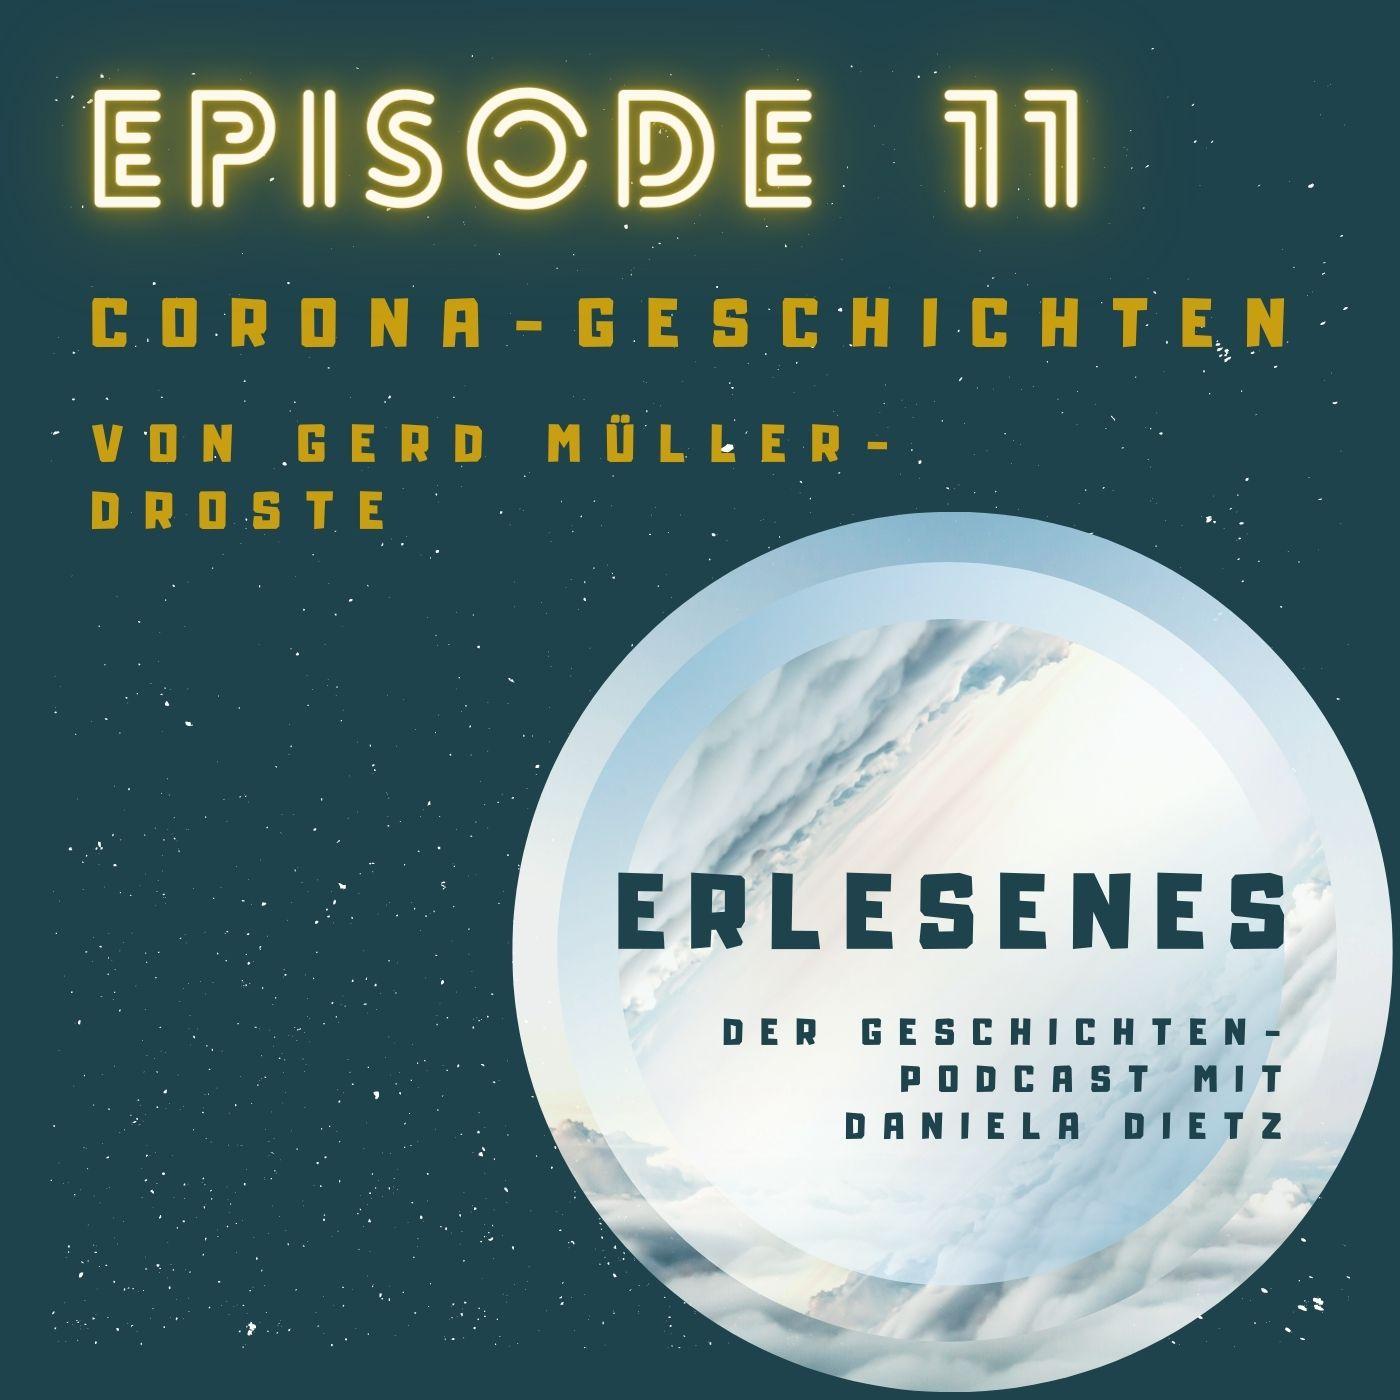 Episode 11: Corona-Geschichten von Gerd Müller-Droste